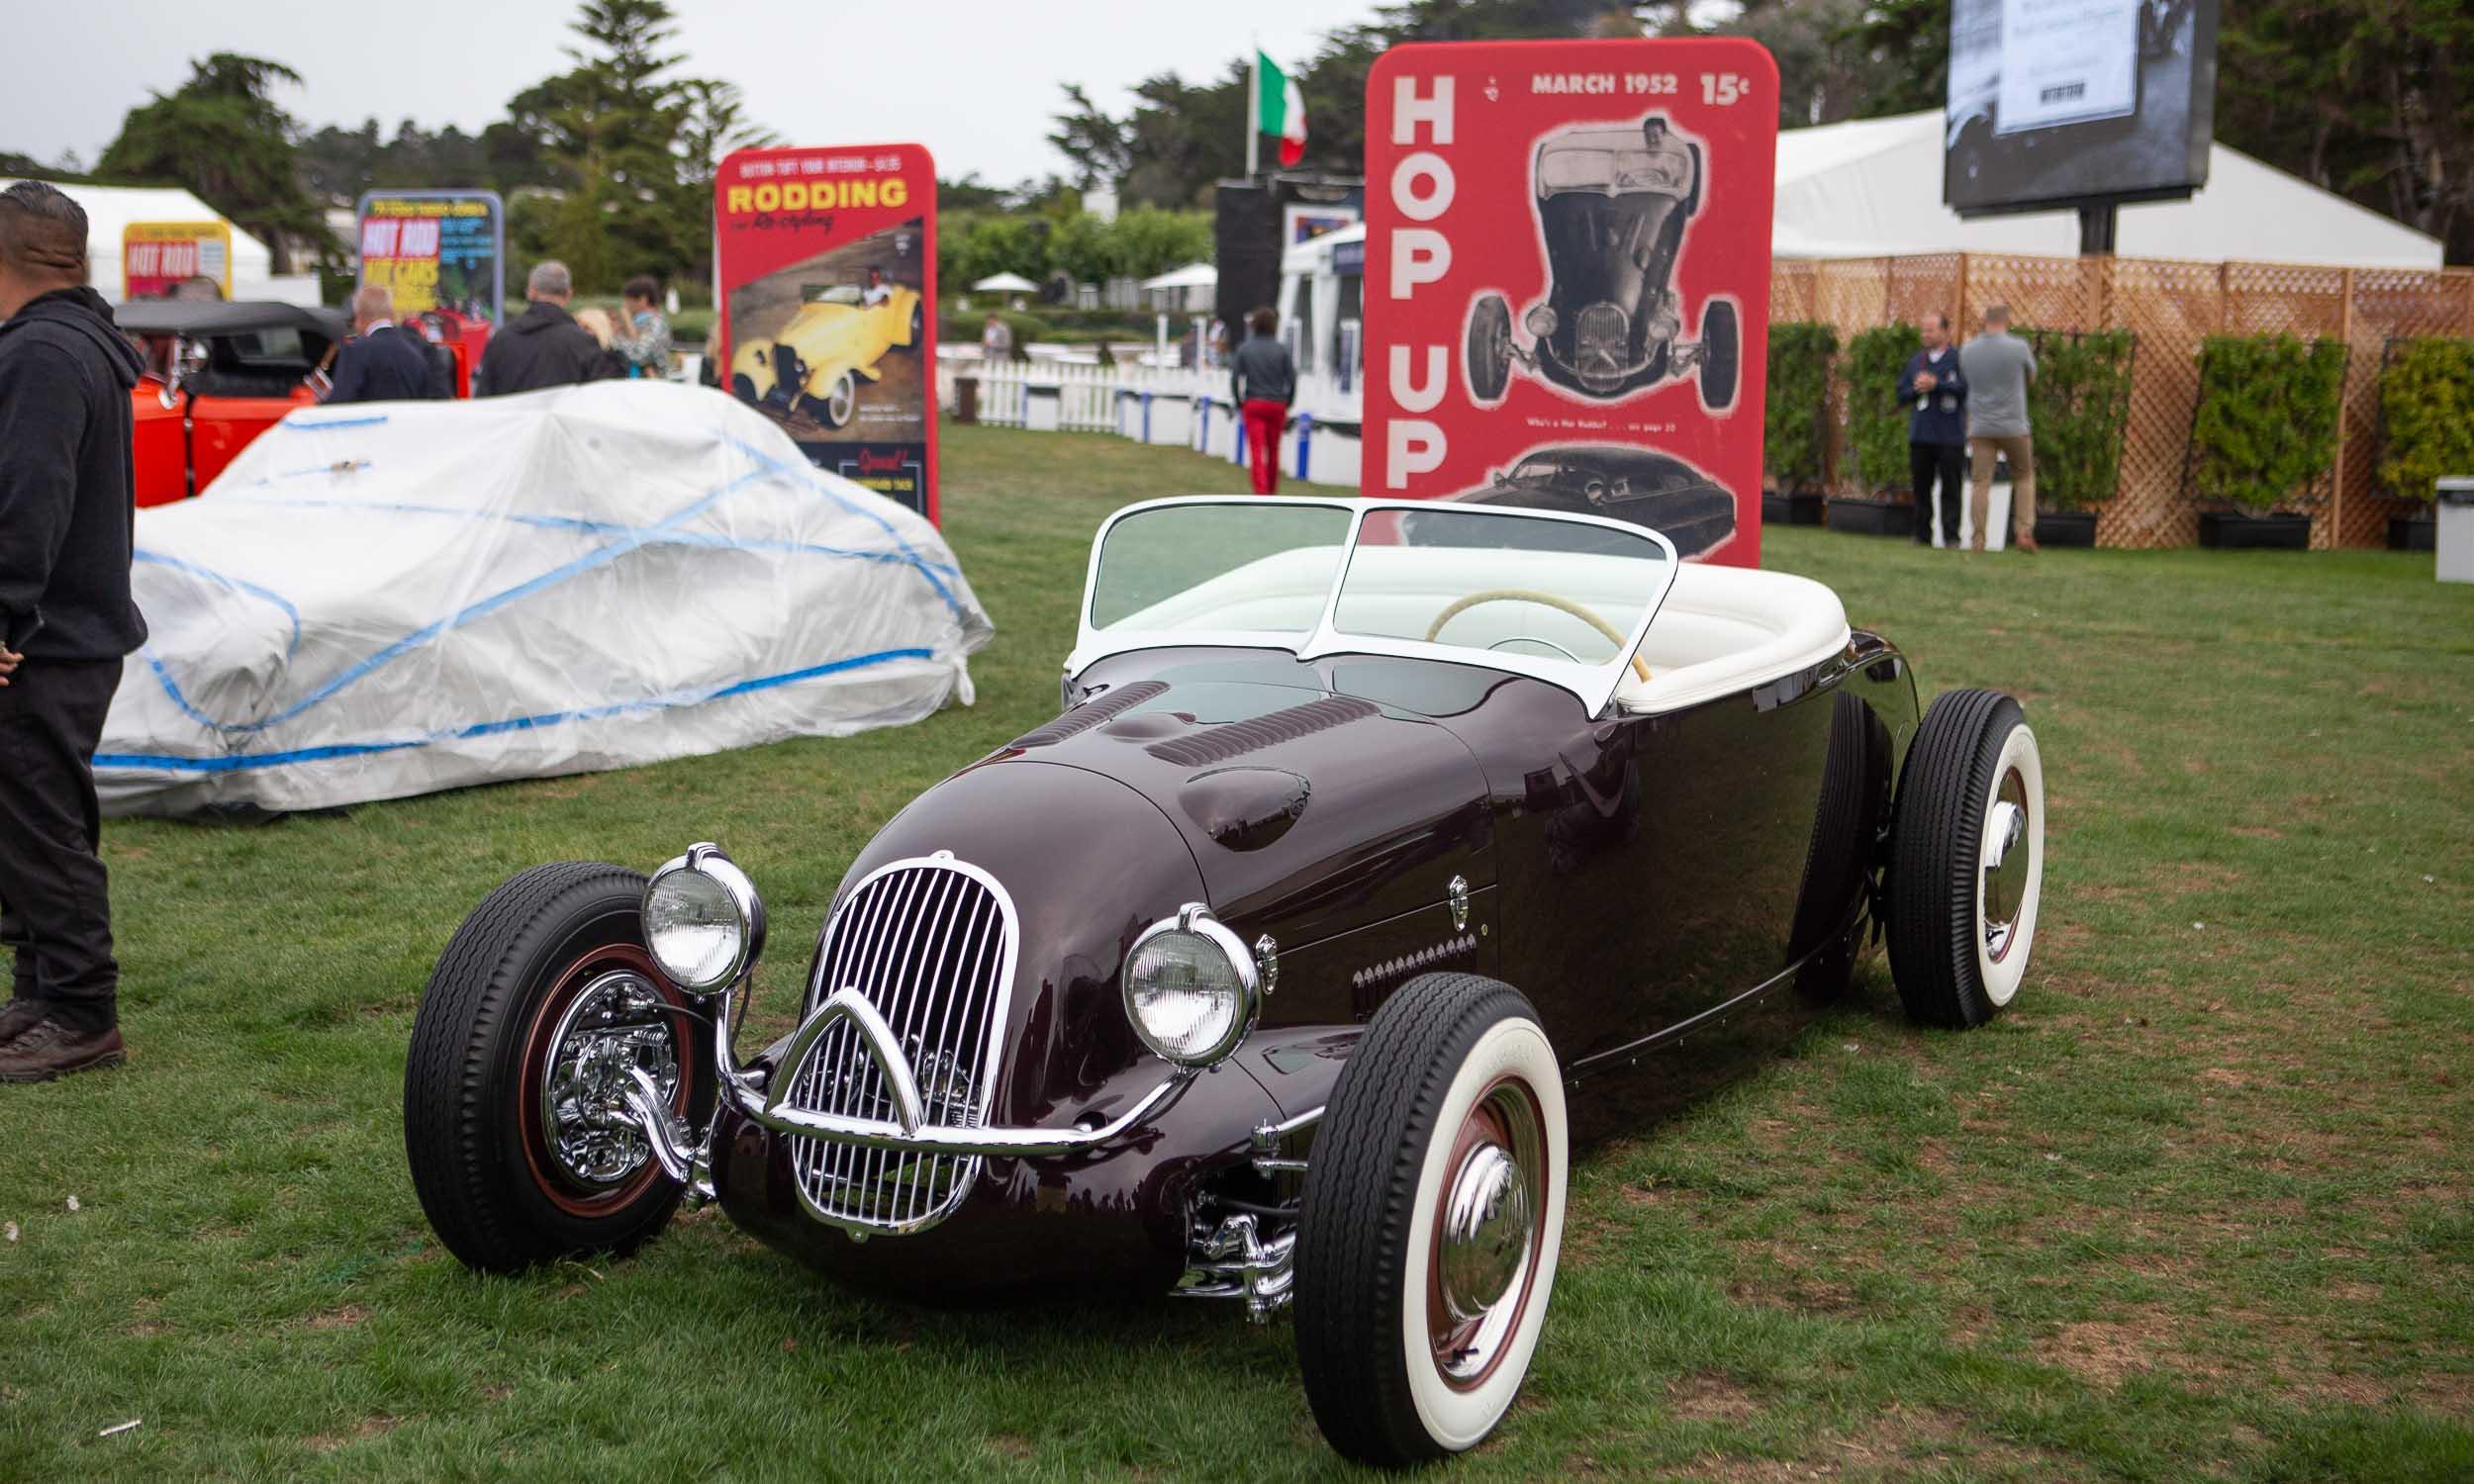 Rod Hatfield Used Cars Lexington Ky >> 2019 Pebble Beach Concours: Photo Highlights - » AutoNXT